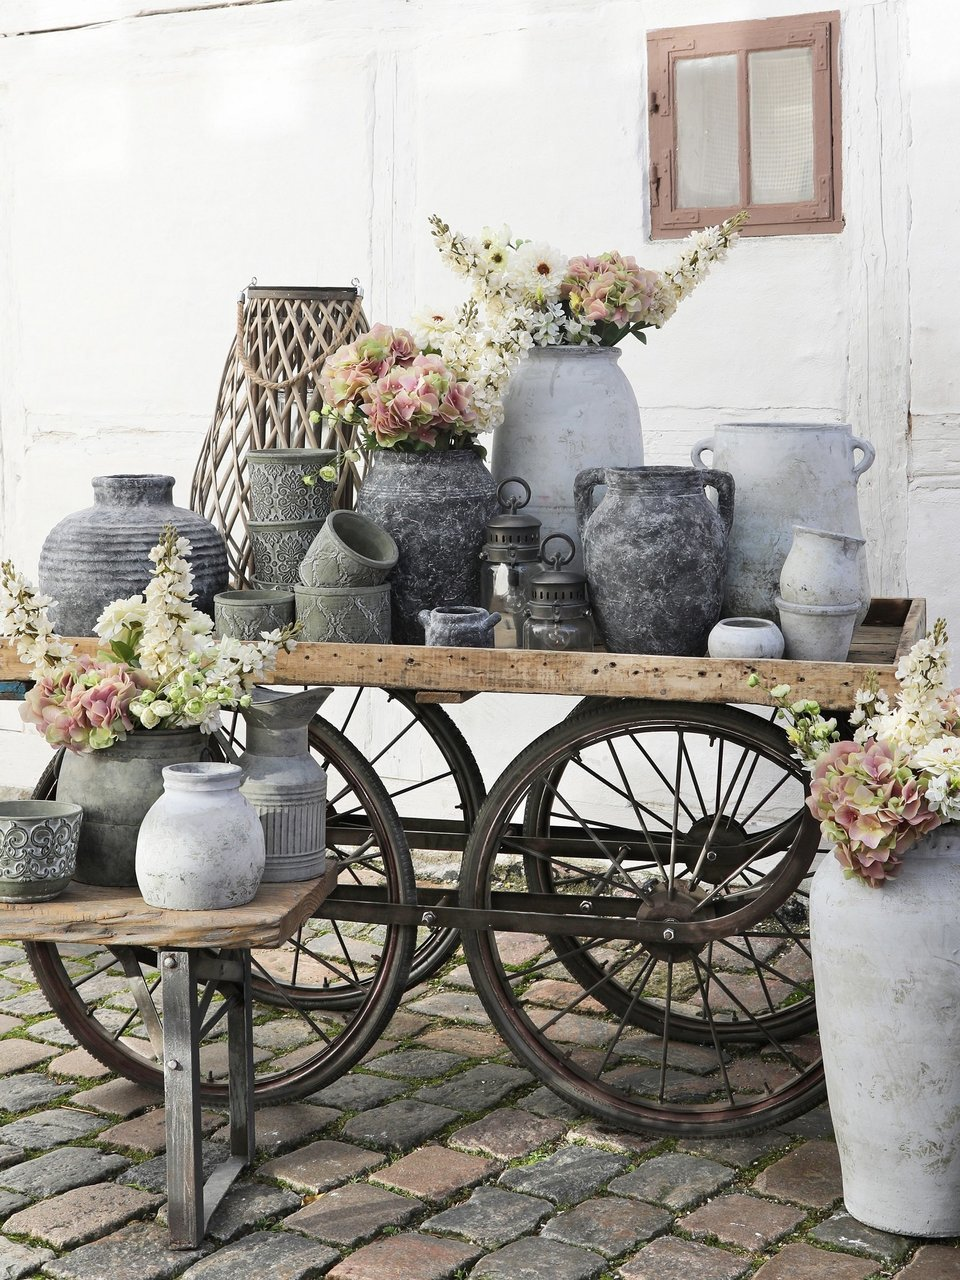 Blumentopf Ensemble von Chic Antique